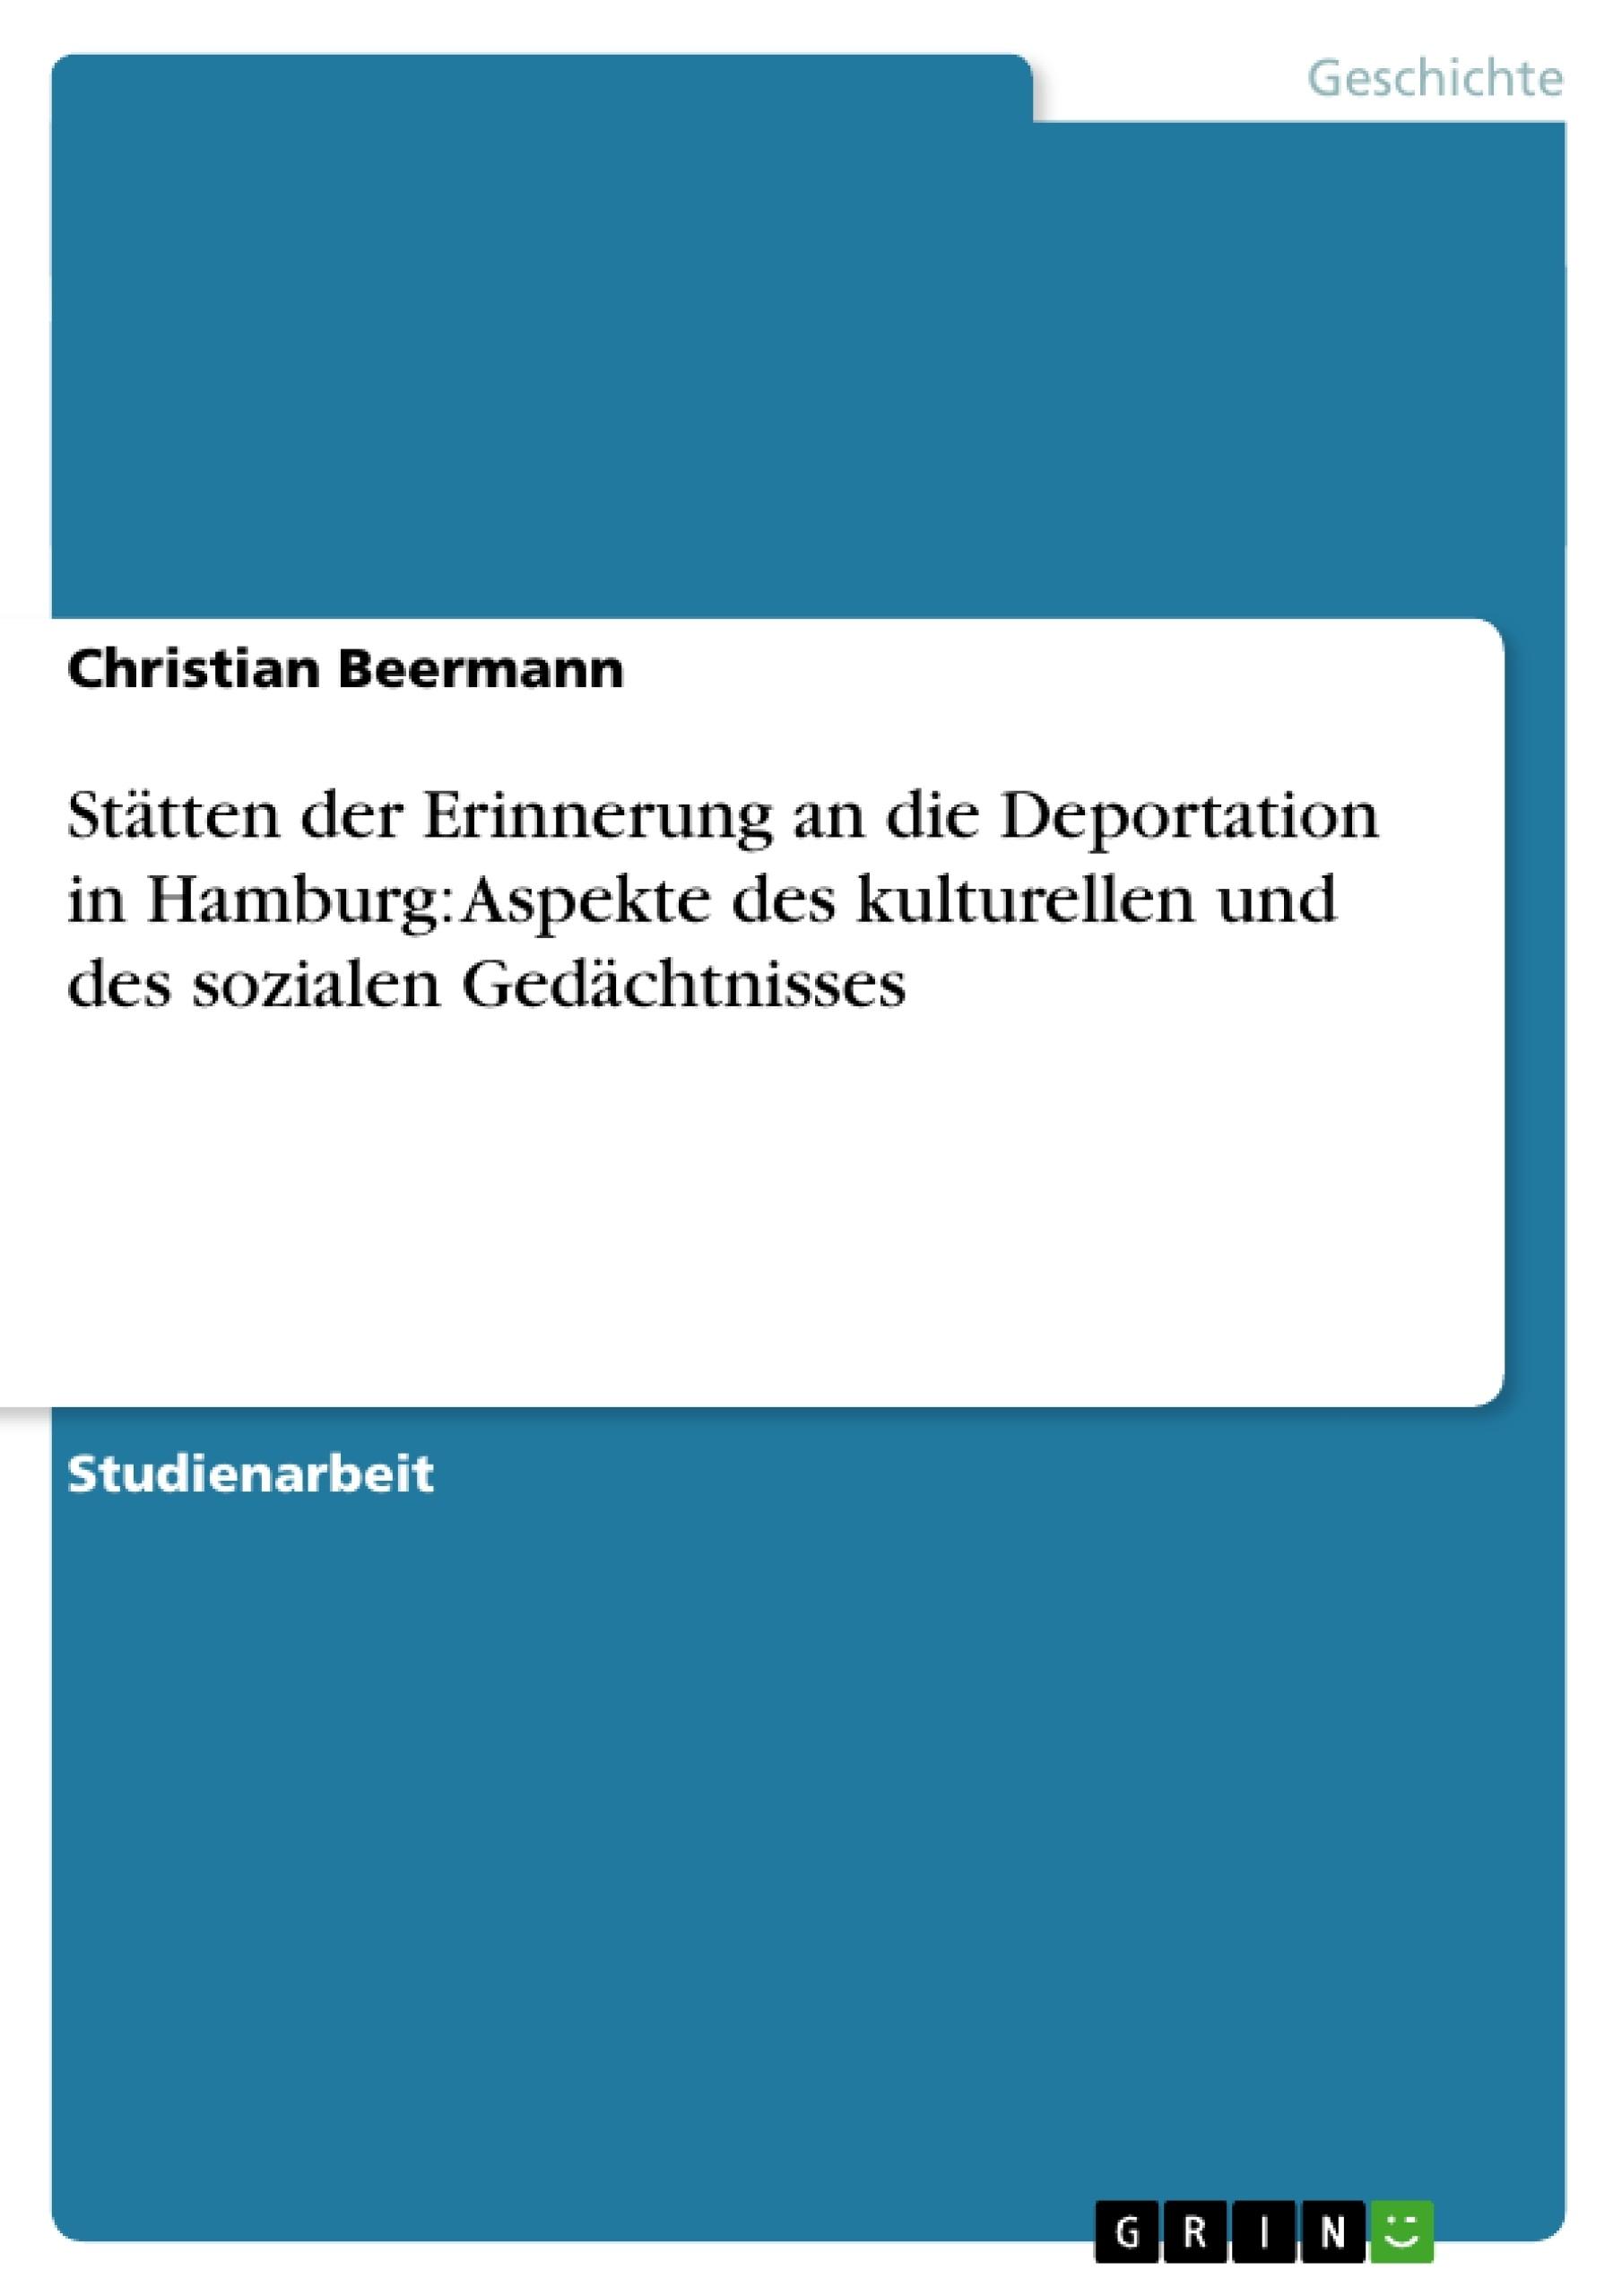 Titel: Stätten der Erinnerung an die Deportation in Hamburg: Aspekte des kulturellen und des sozialen Gedächtnisses